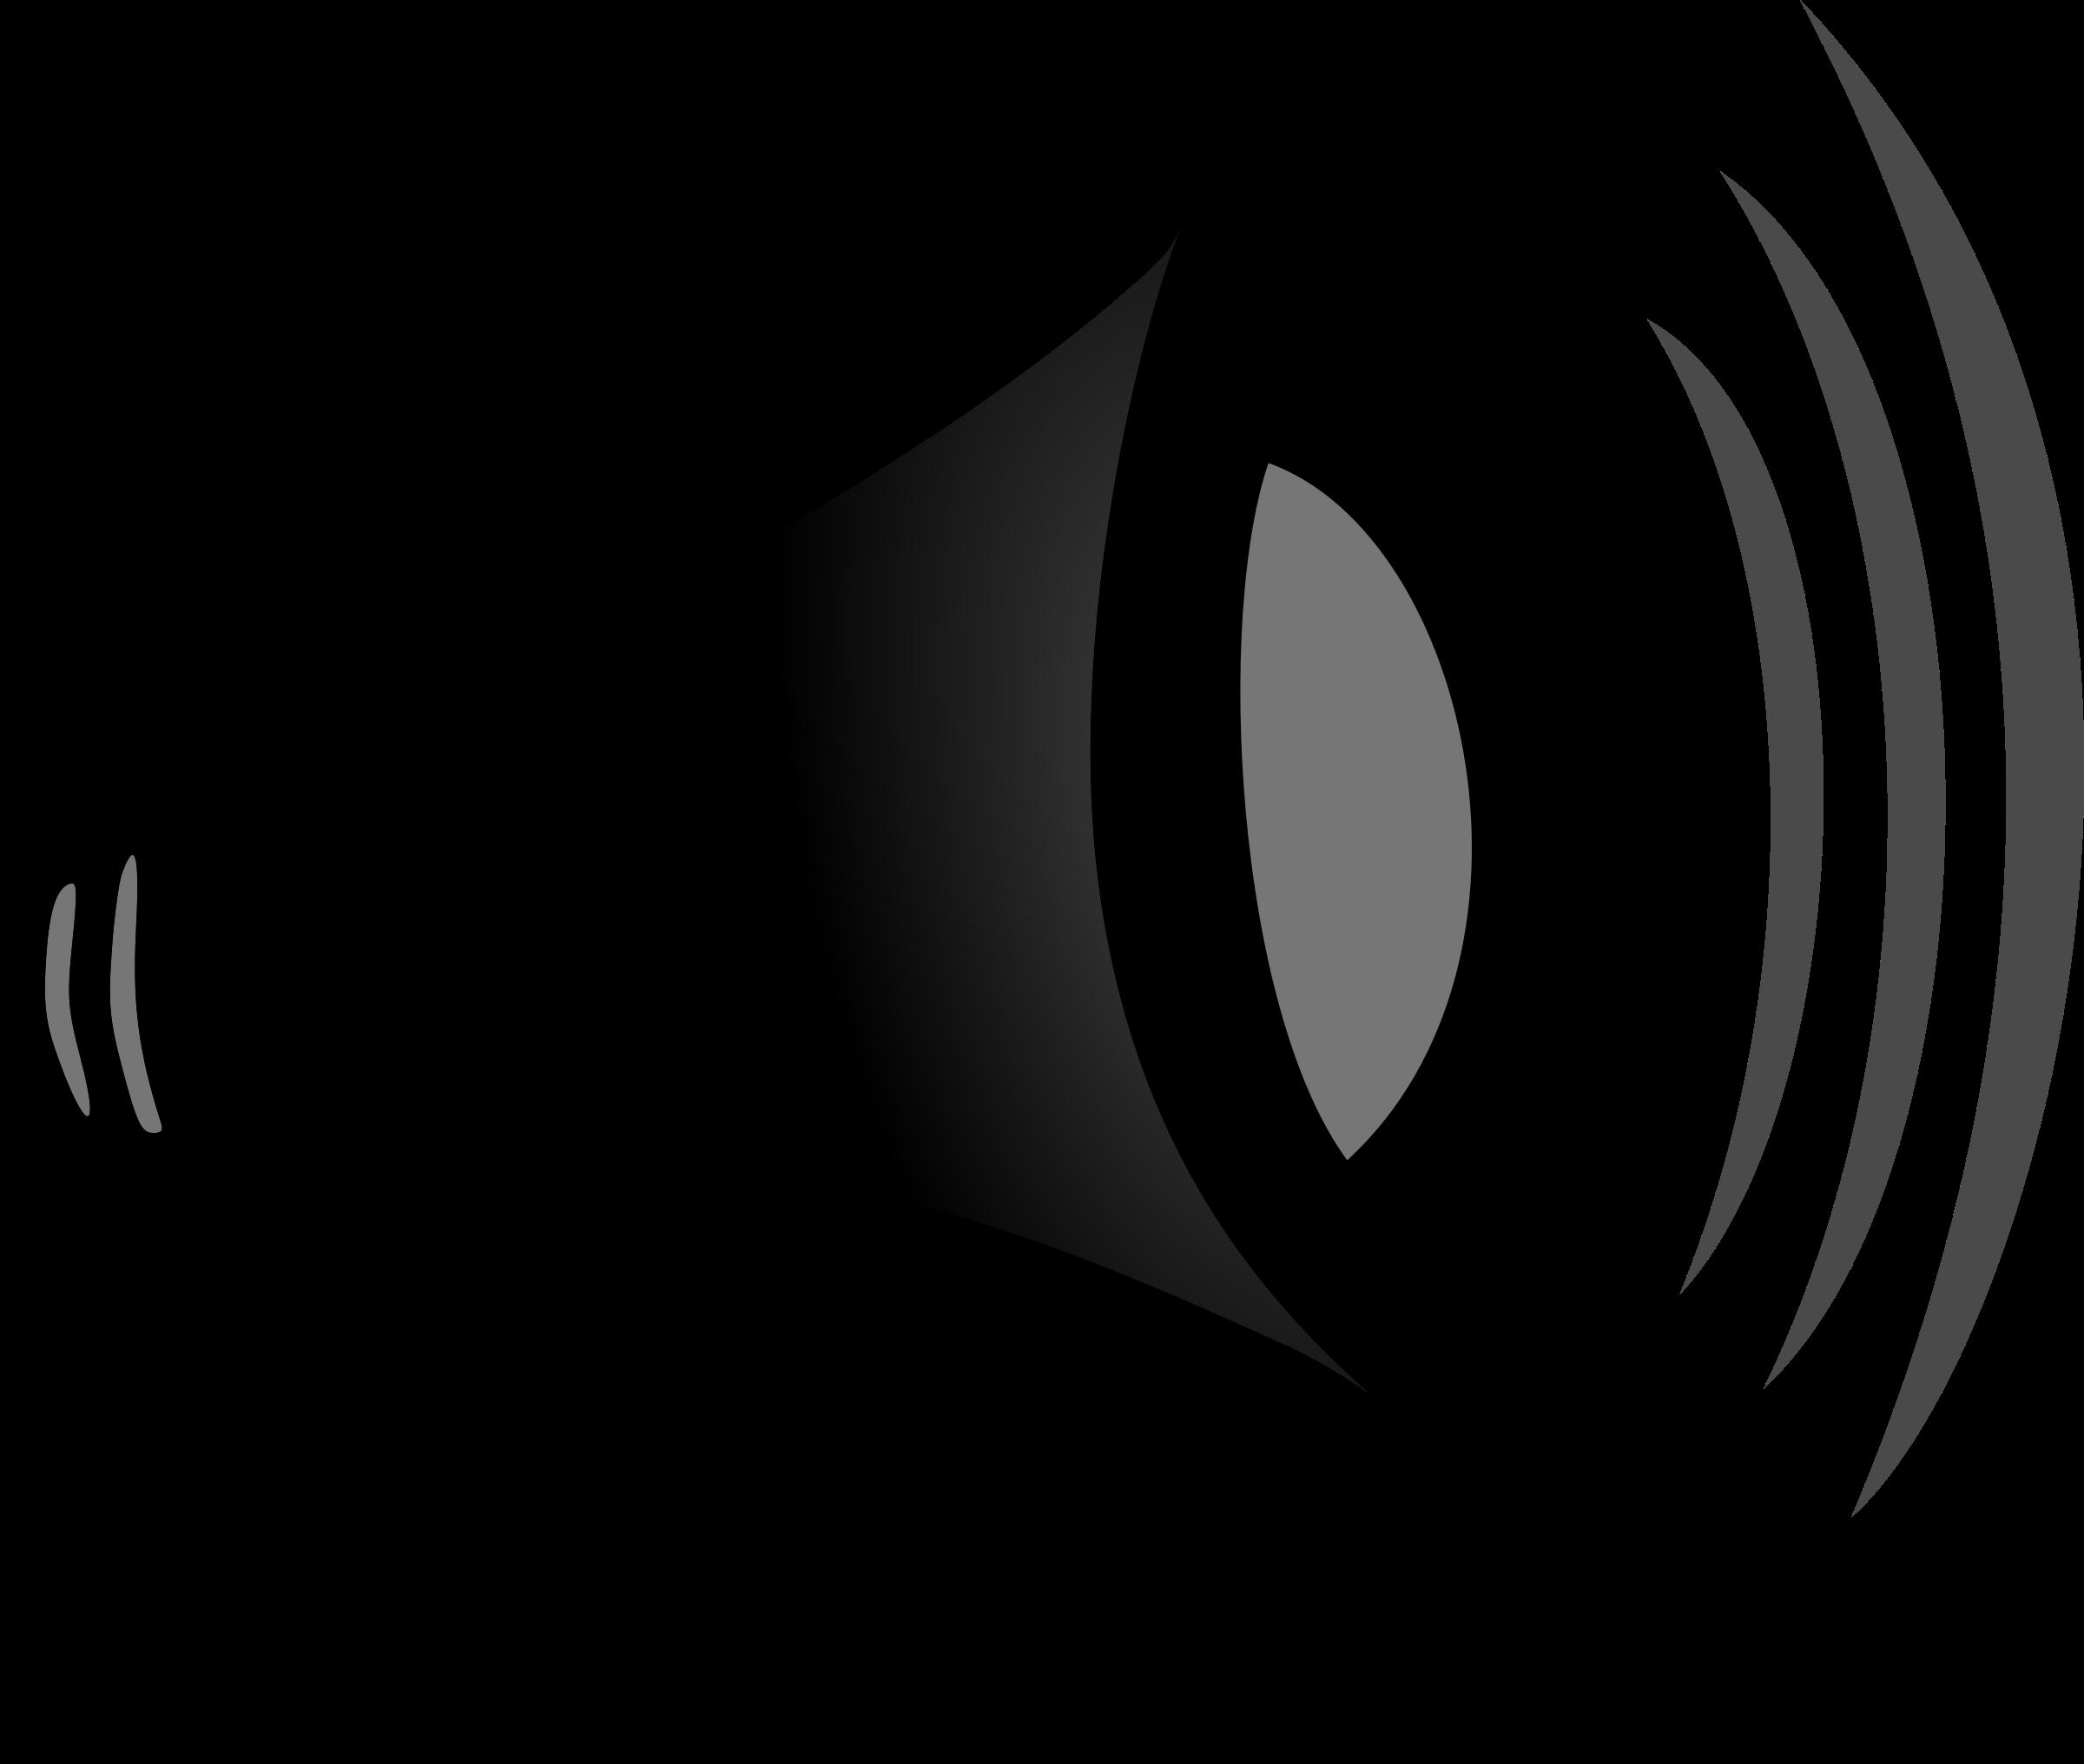 Loud Megaphone (Details) by qubodup